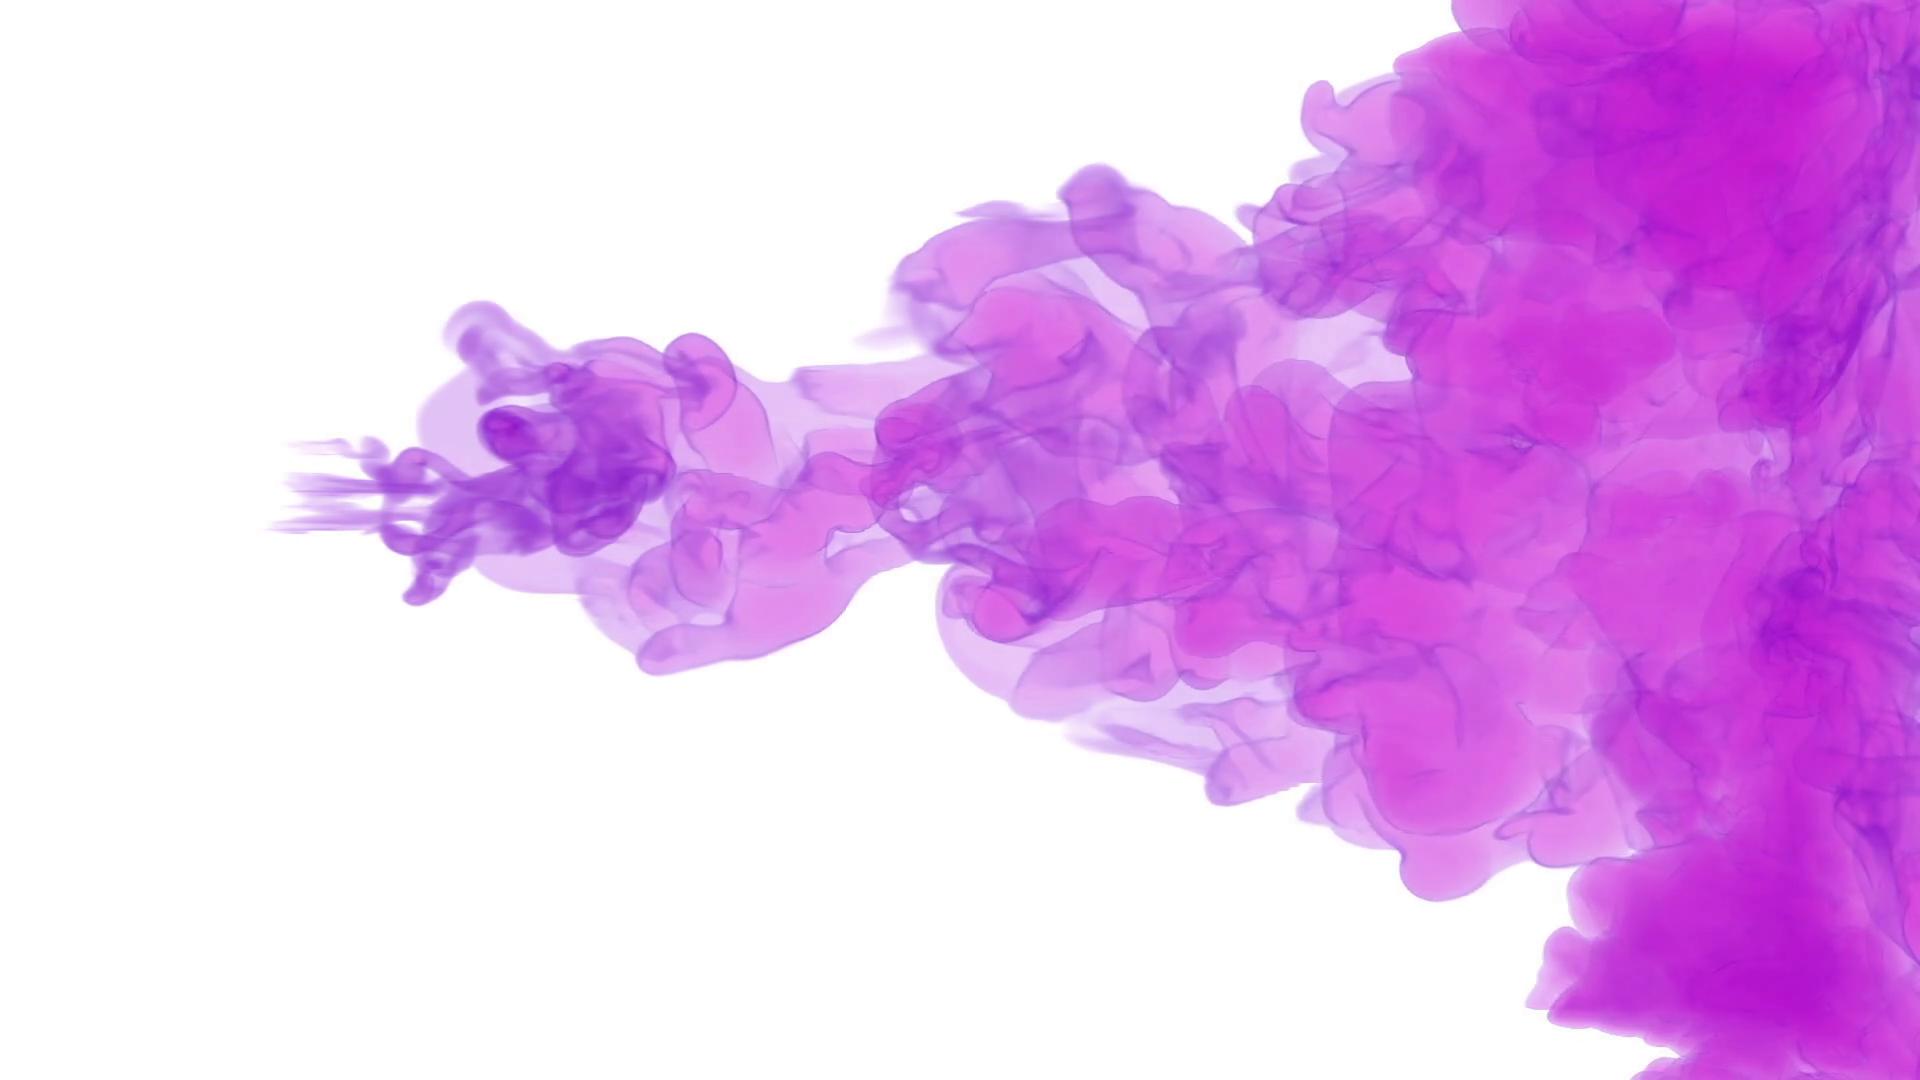 Image background arts. Purple smoke png